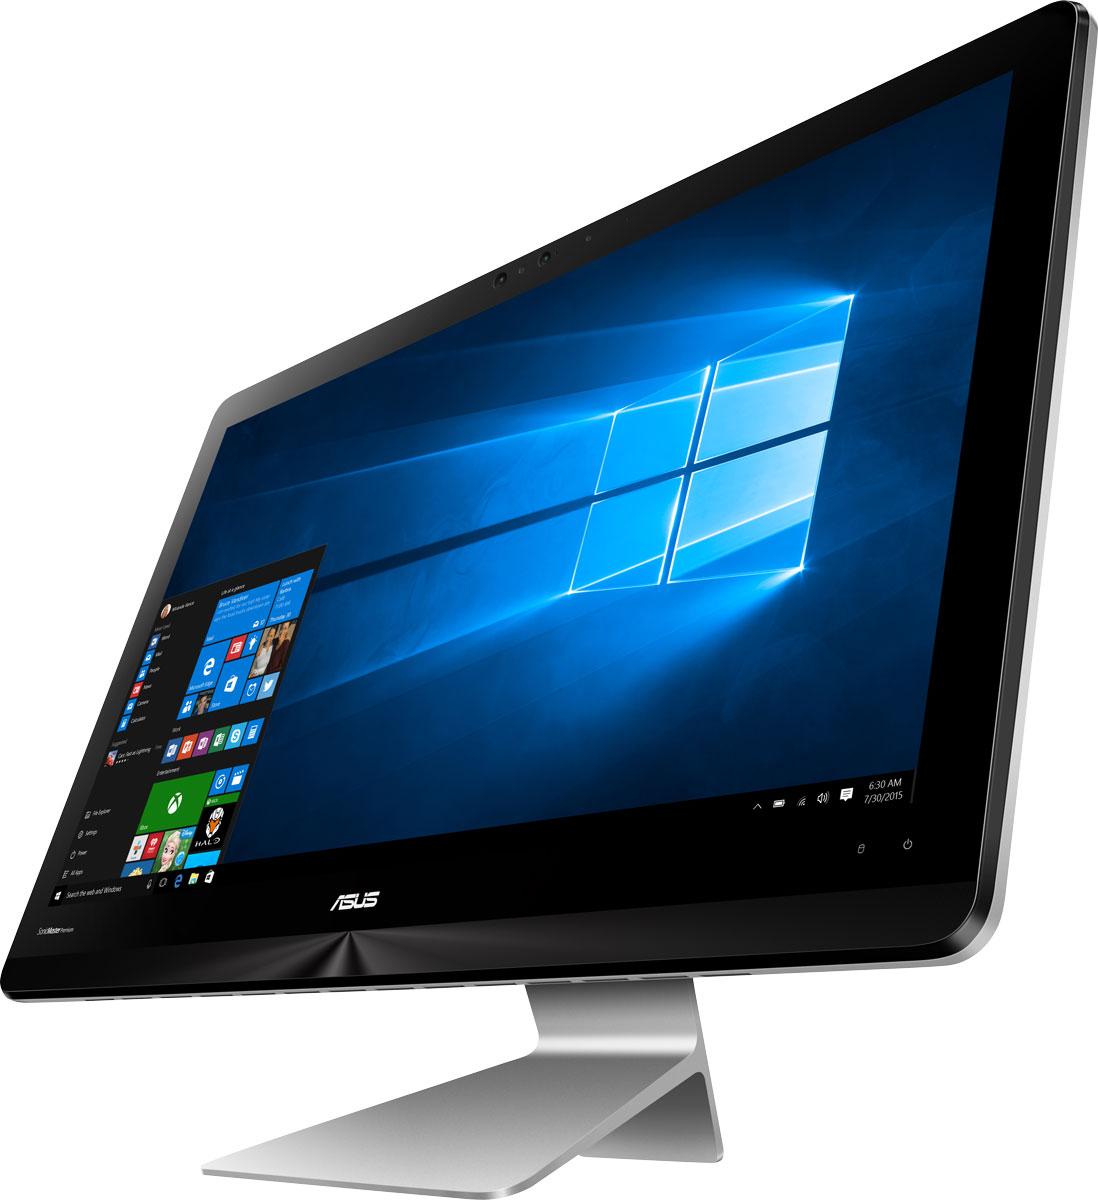 ASUS Zen AiO ZN241ICUK-RA029T, Grey моноблокZN241ICUK-RA029TМоноблочный компьютер ASUS Zen AiO ZN241IC - еще одно доказательство того, что современные технологии могут быть красивыми. Его монолитный корпус в кварцевом сером цвете с оригинальной текстурой поверхности идеально впишется в любой домашний интерьер.ASUS Zen AiO ZN241IC обладает ультратонким экраном со светодиодной подсветкой, обеспечивающим высокую яркость и контрастность изображения. Благодаря широким углам обзора IPS-матрицы картинка на экране моноблока не претерпевает каких-либо искажений цветопередачи при изменении угла, под которым пользователь смотрит на экран. Разрешение Full HD (1920x1080) позволяет наслаждаться играми и фильмами с безупречной четкостью.ASUS Zen AiO ZN241IC может похвастать не только внешним видом, но и великолепной производительностью. Процессор Intel Core i5 последнего поколения, скоростная память DDR4 и самые современные интерфейсы подключения гарантируют комфортную работу в любых программах.Аудиосистема Zen AiO ZN241IC с технологией ASUS SonicMaster Premium включает стереодинамики с общей выходной мощностью 6 Вт, которые обеспечивают богатое и чистое звучание в широком диапазоне частот. Zen AiO создает полноценную звуковую картину, будь то просмотр блокбастера, игра или отдых под музыку.Порт USB 3.0 Type-A, которым оборудован данный компьютер, обладает пропускной способностью до 10 Гбит/с, то есть в два раза более высокой, чем USB 2.0. Для максимального удобства ASUS Zen AiO ZN241IC оснащен четырьмя портами USB 3.0, а также разъемом HDMI для подключения внешнего дисплея.Точные характеристики зависят от модели.Компьютер сертифицирован EAC и имеет русифицированную клавиатуру и Руководство пользователя.